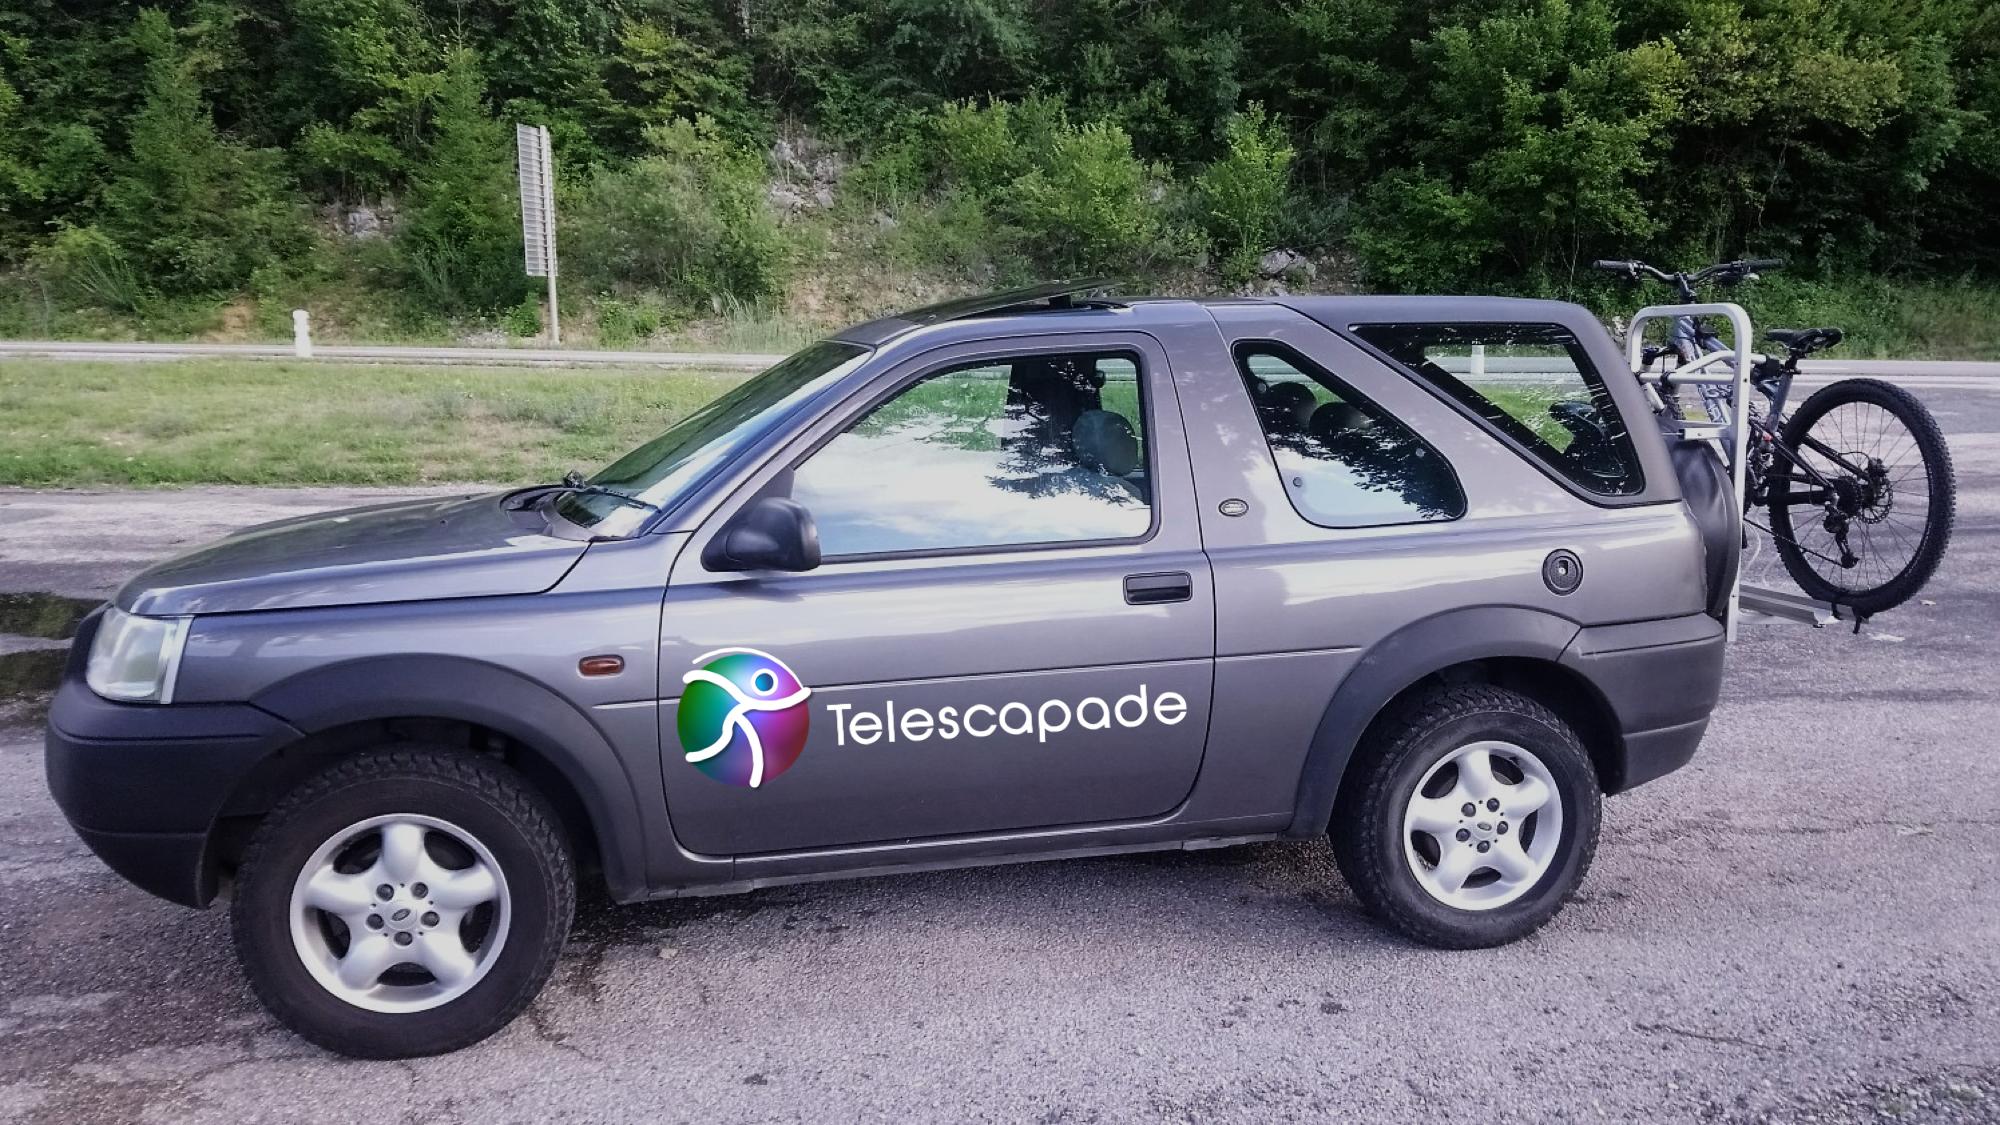 Car_Telescapade